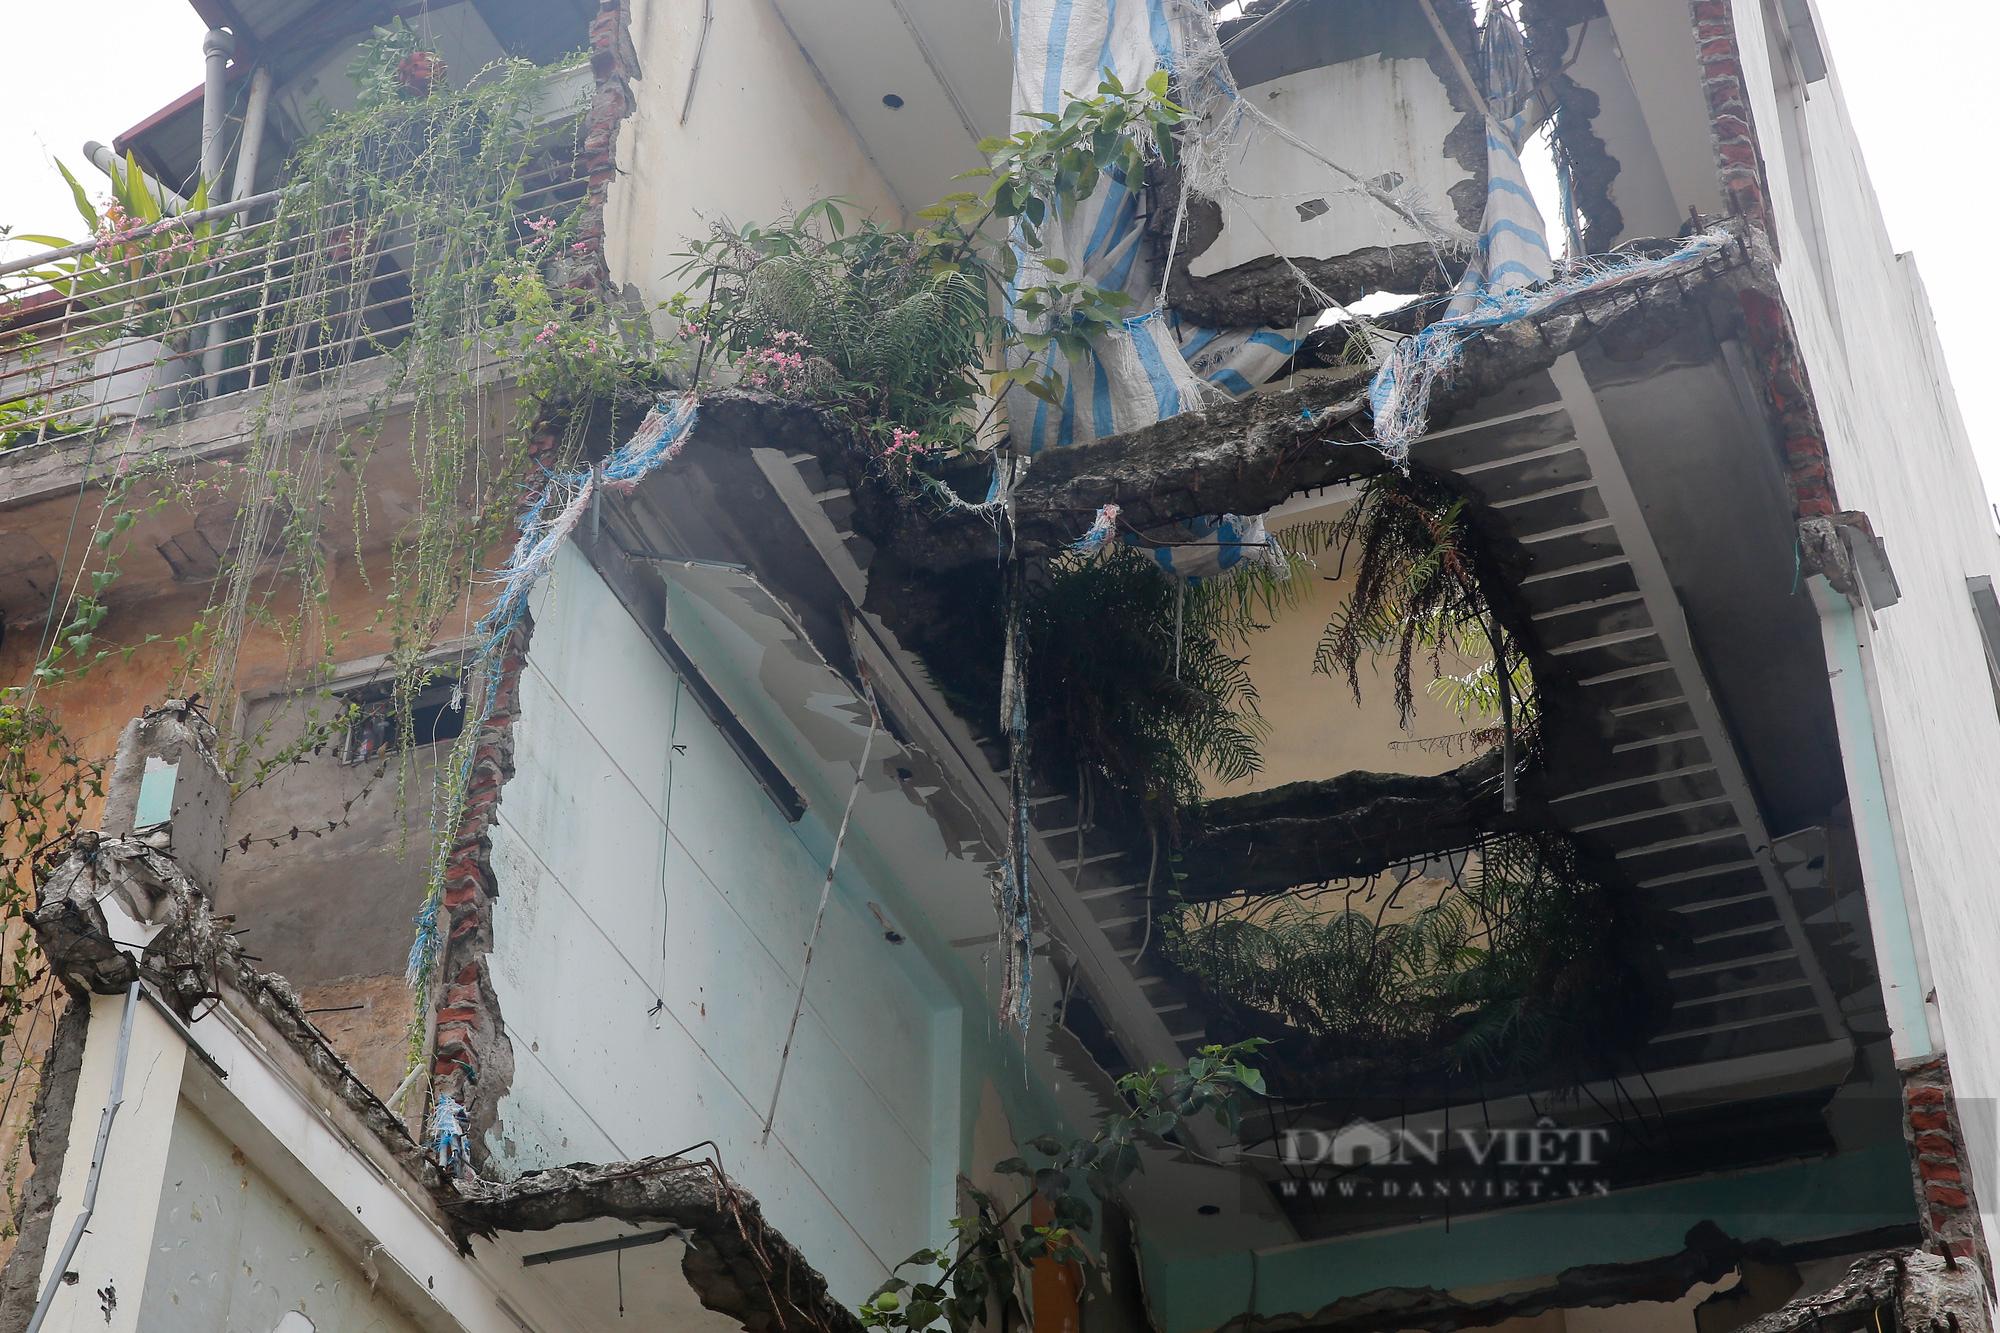 Cận cảnh khu vực ga ngầm tuyến Metro Nhổn - ga Hà Nội bị dừng thi công - Ảnh 7.